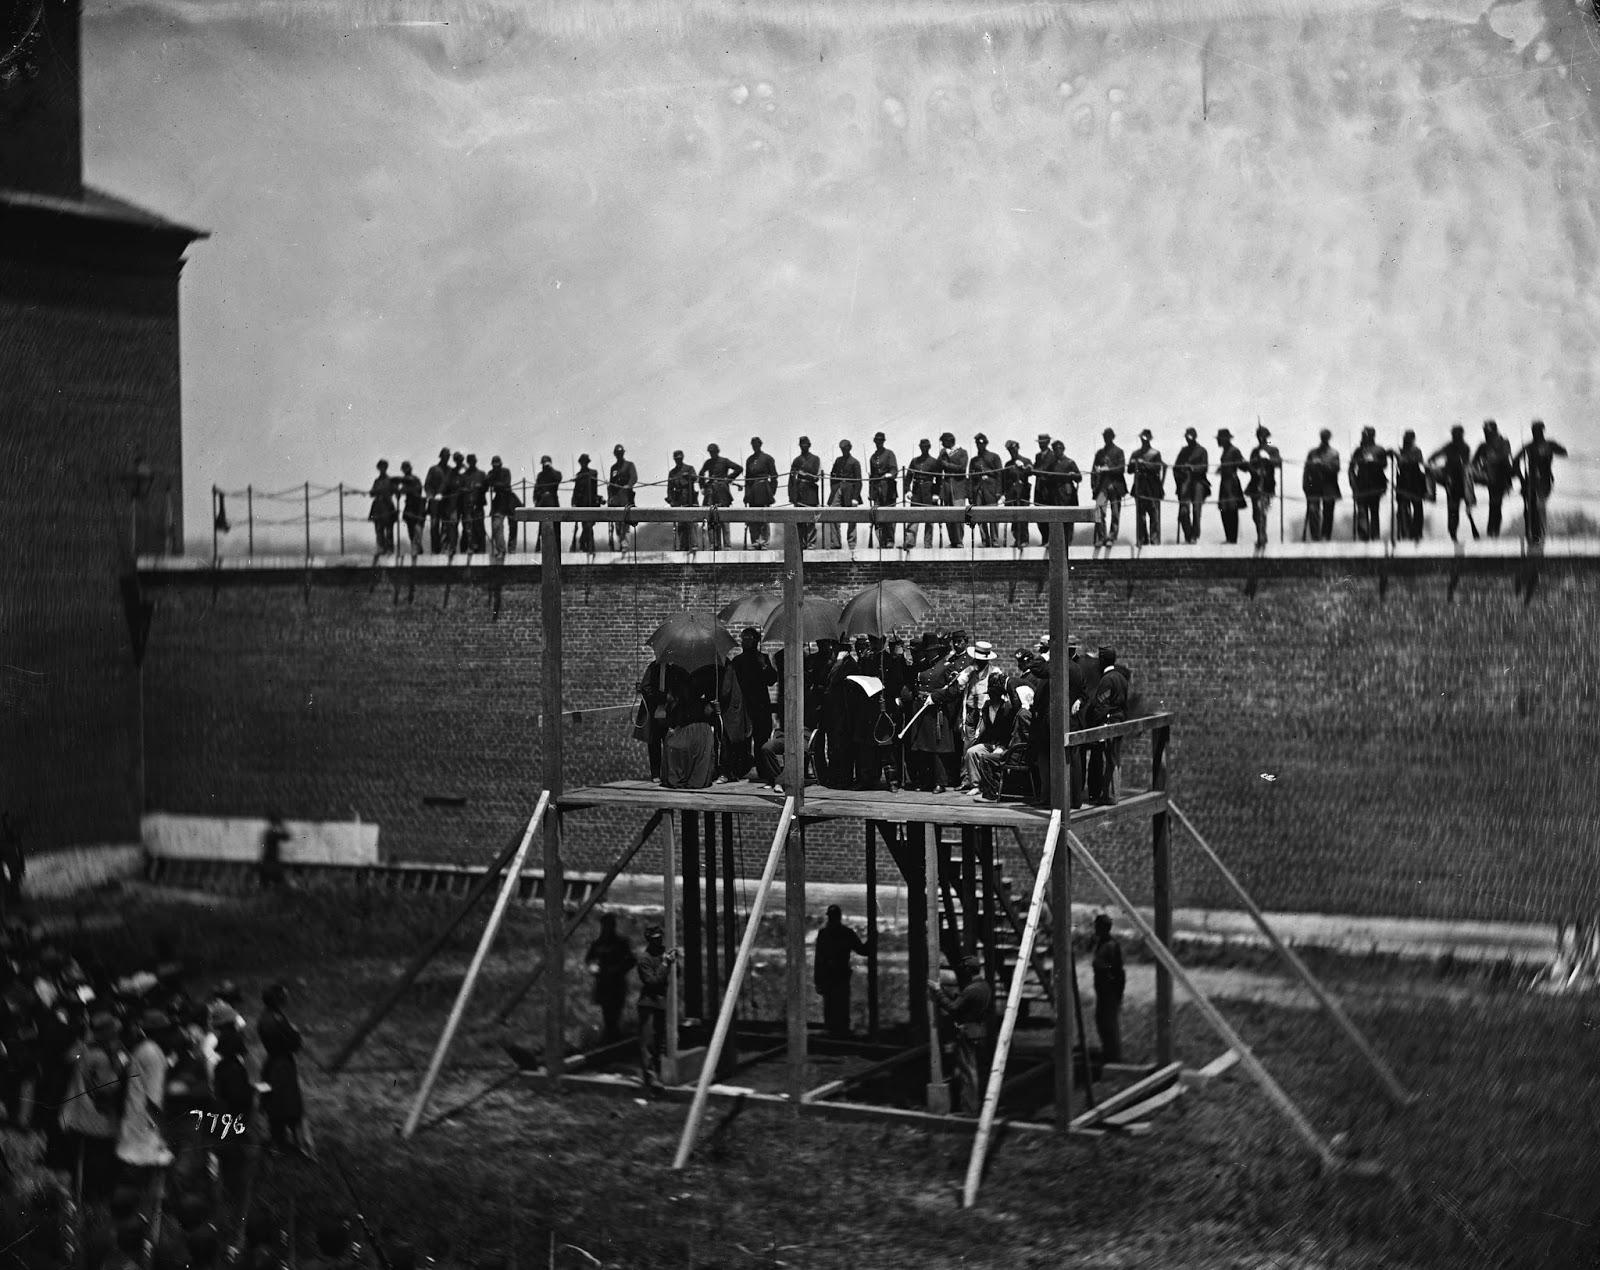 La construcción de la horca para el ahorcamiento de los conspiradores comenzó inmediatamente el 5 de julio después de que se firmó la orden de ejecución.